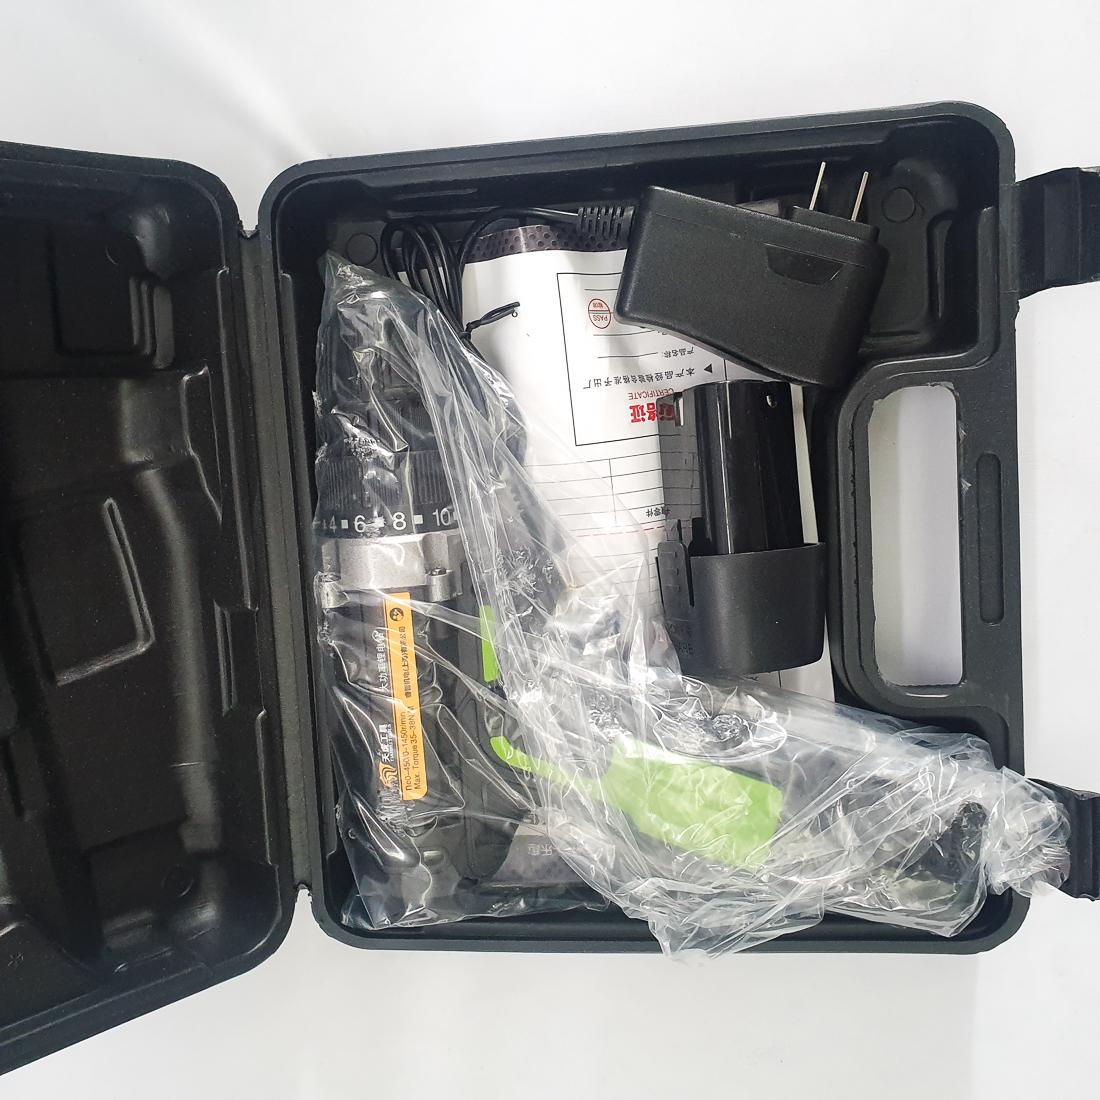 Máy Khoan Dùng Pin Tianhu Tools Máy Khoan Máy Khoan Bắn Vit Máy Khoan Cầm Tay Máy Khoan Sửa Chữa Vặn Vít Có Đảo Chiều (Kèm Pin Dự Phòng) - Màu đỏ 18V